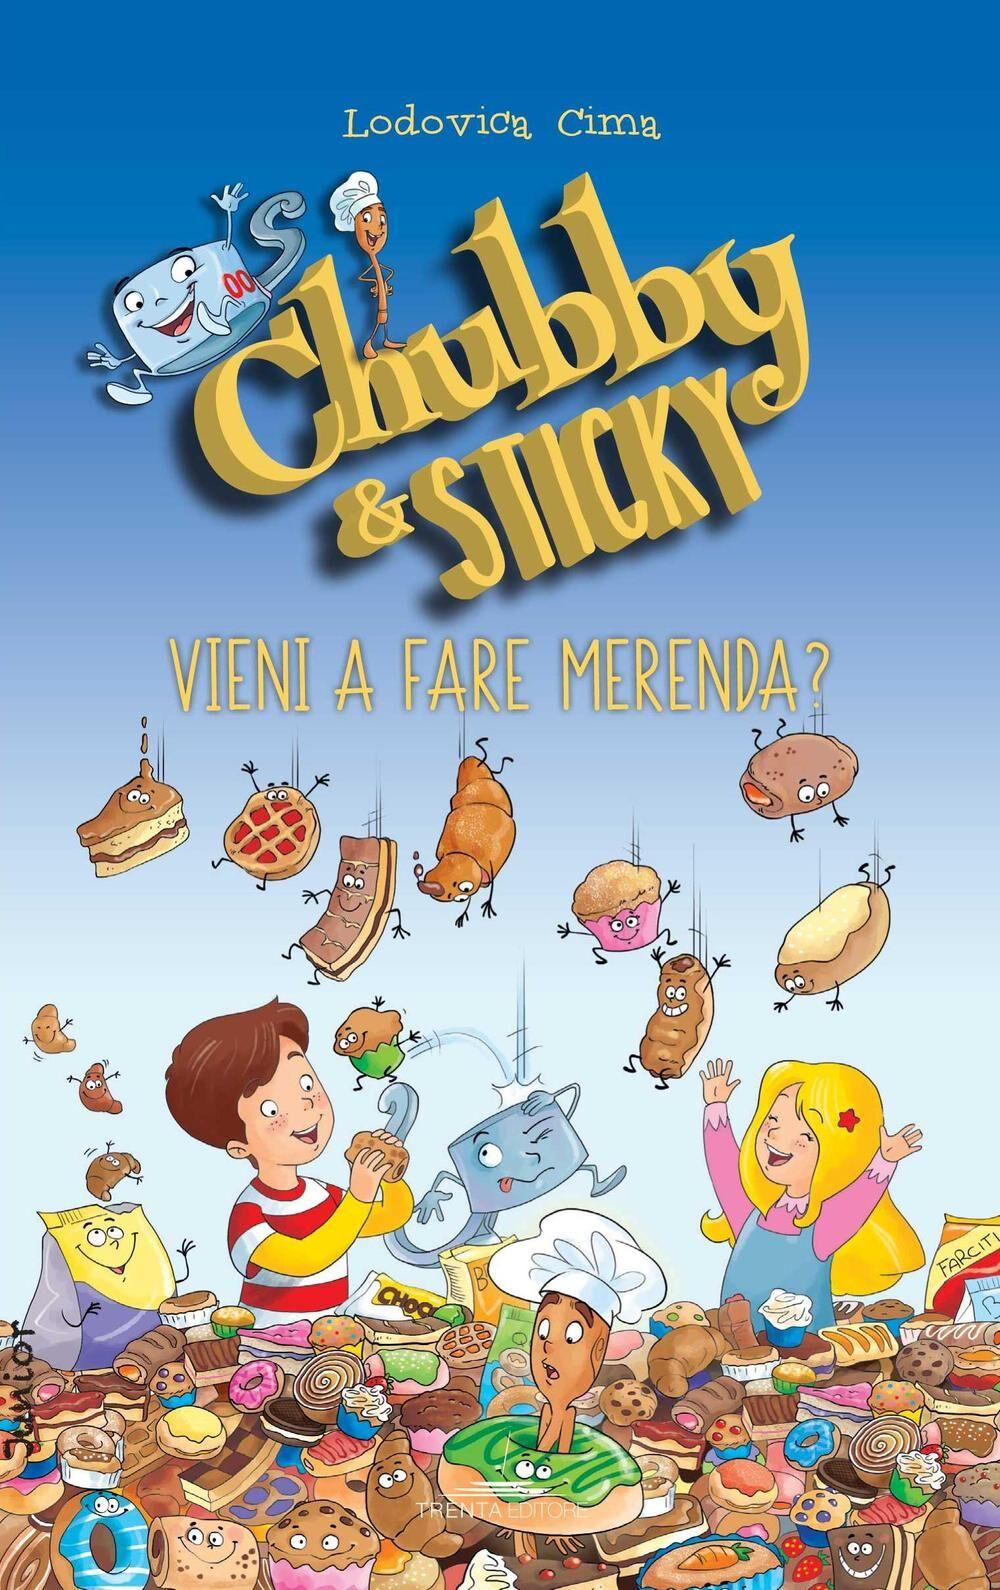 Vieni a fare merenda. Chubby & Sticky